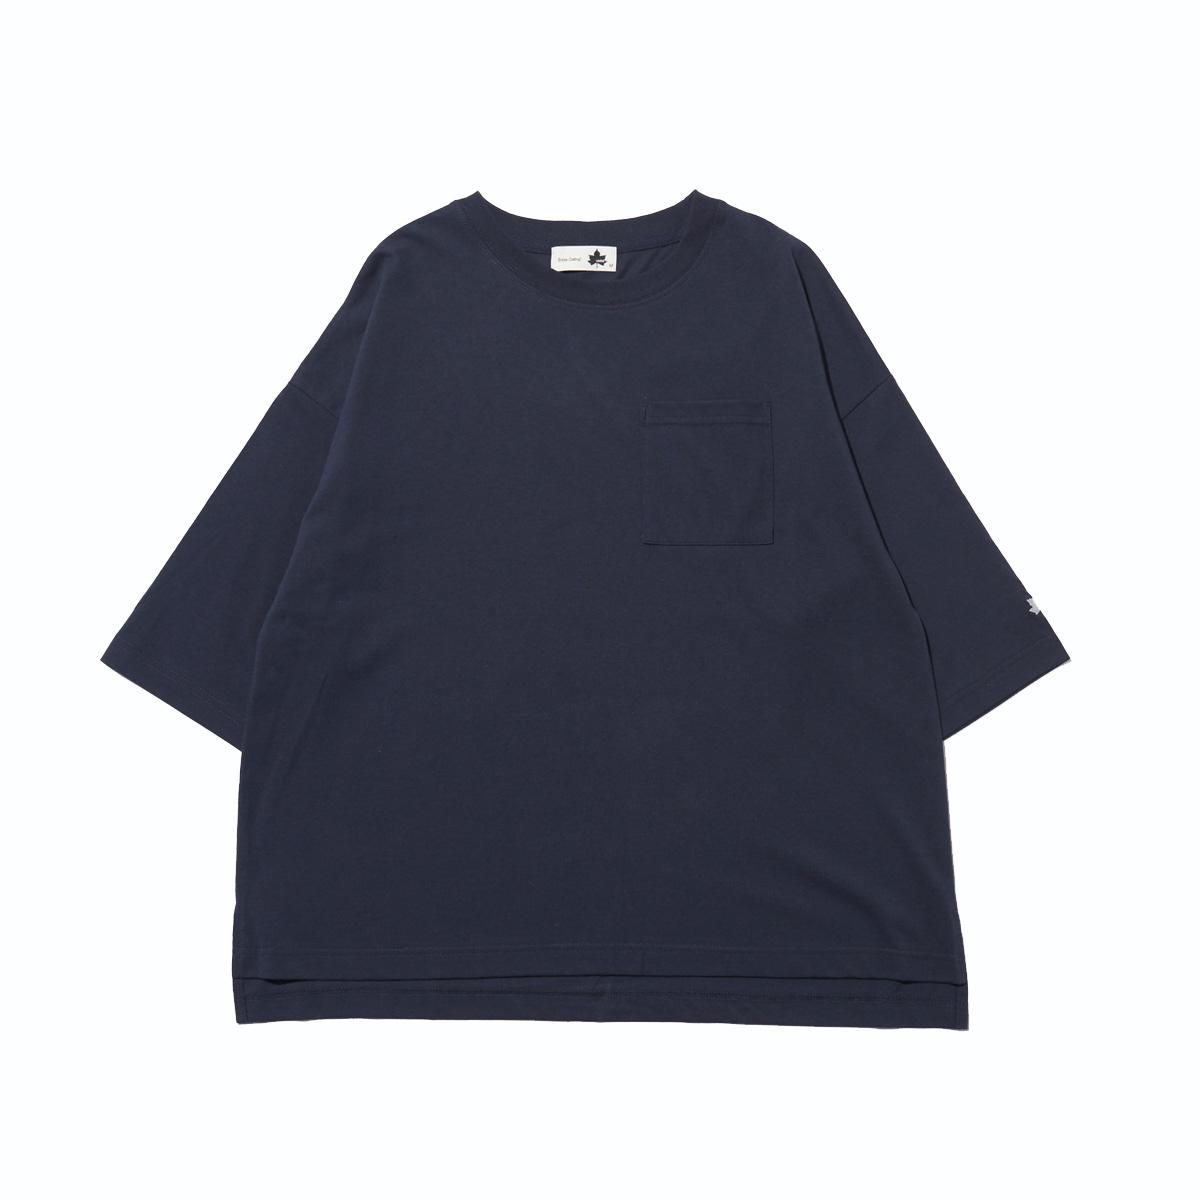 ドライ6分袖Tシャツ